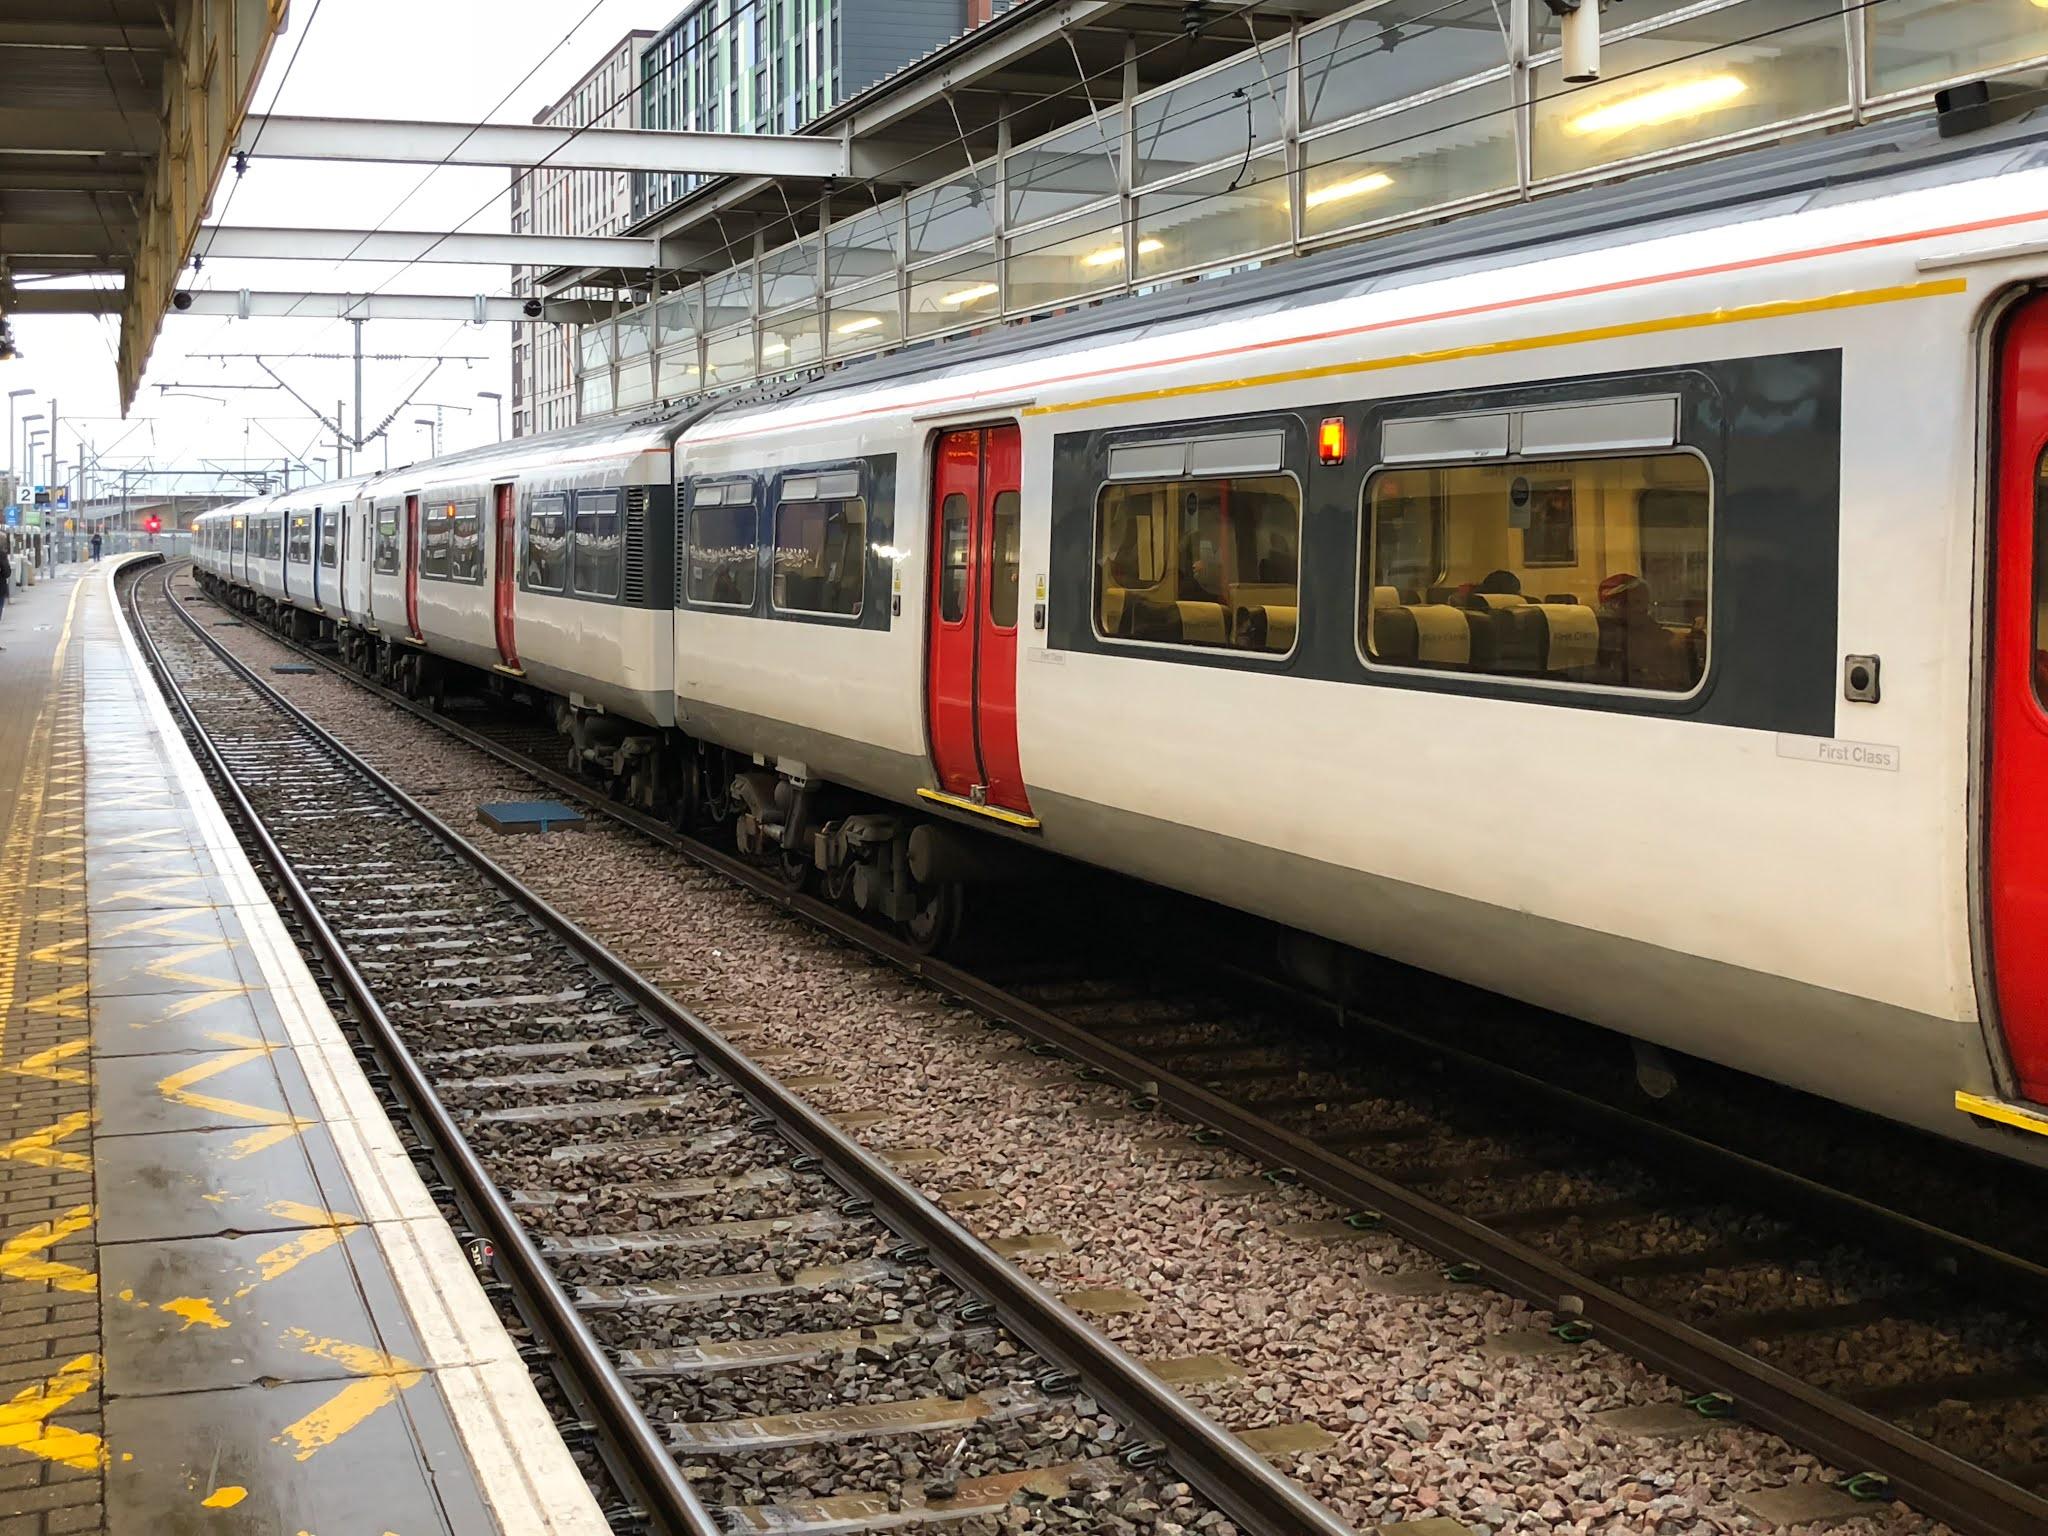 شركة الاتحاد للقطارات trains يعلن البدء بأعمال مد قضبان السكك الحديدية